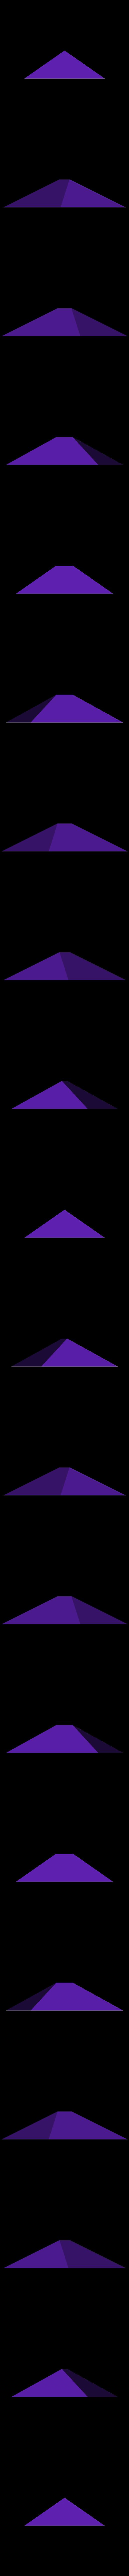 innout_roof.STL Télécharger fichier STL gratuit Modèle à l'échelle In-N-Out • Modèle imprimable en 3D, brentwerder